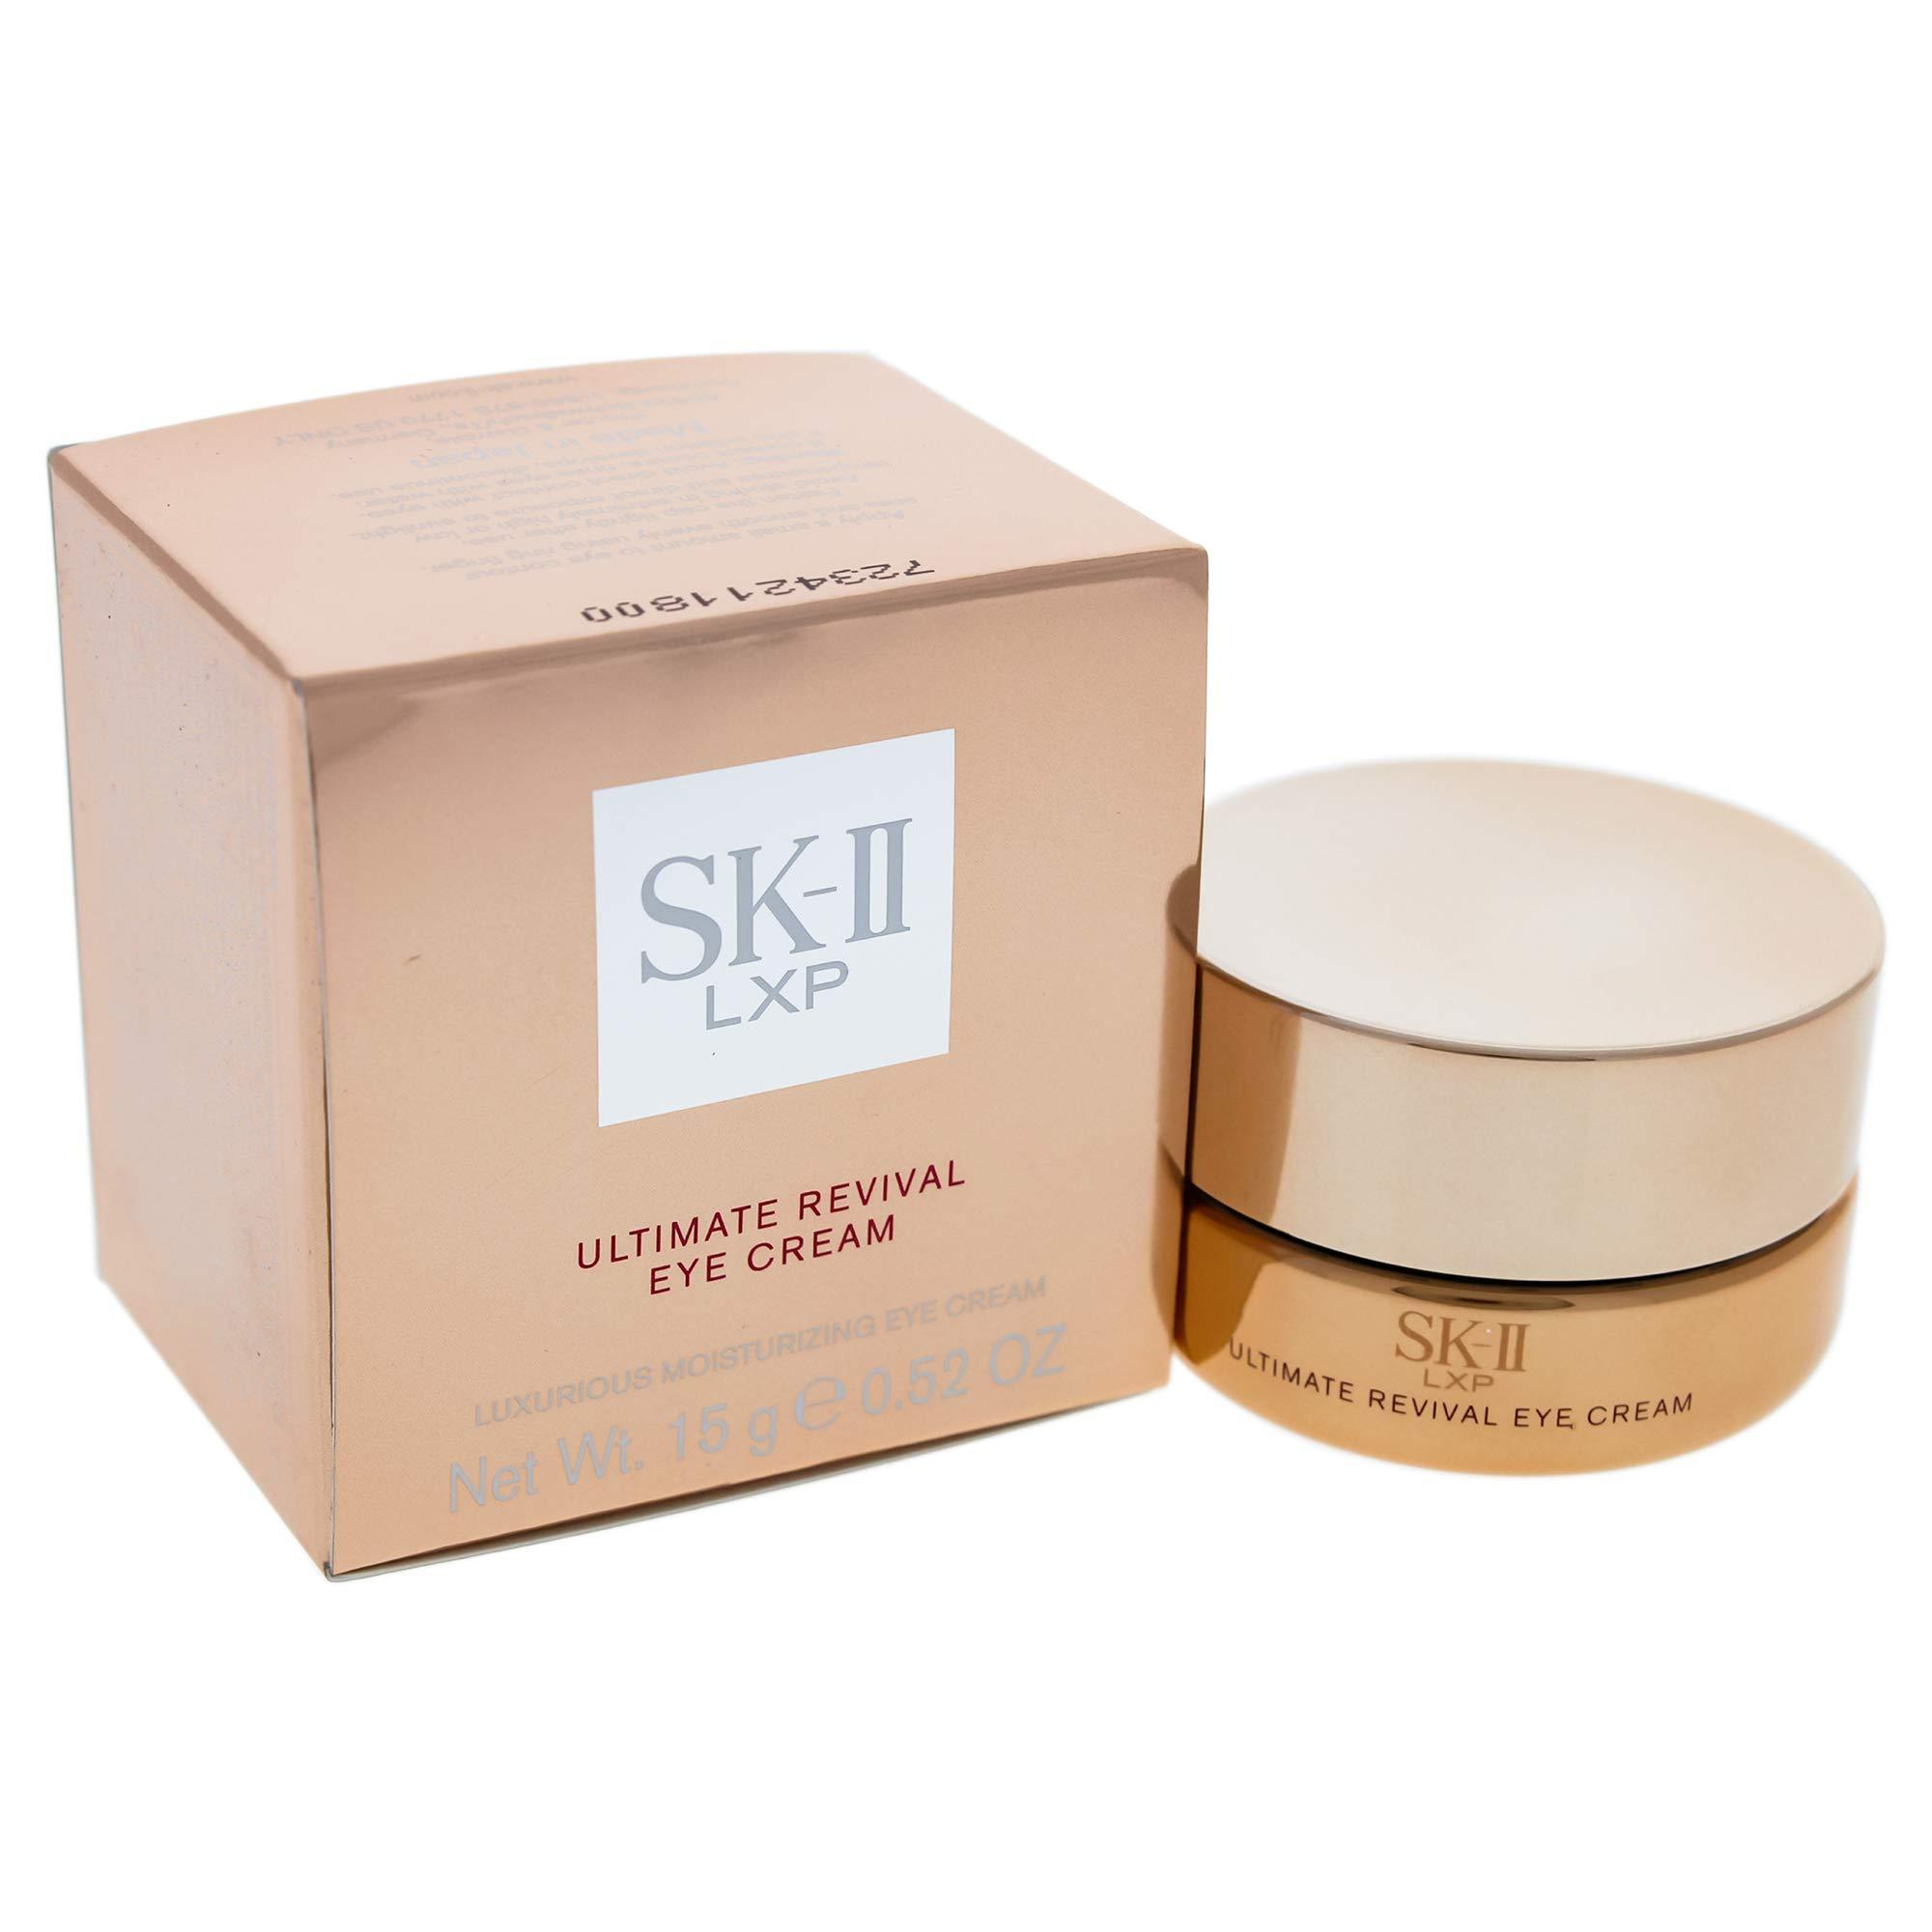 SK-II Lxp Ultimate Revival Eye Cream, 0.52 Ounce